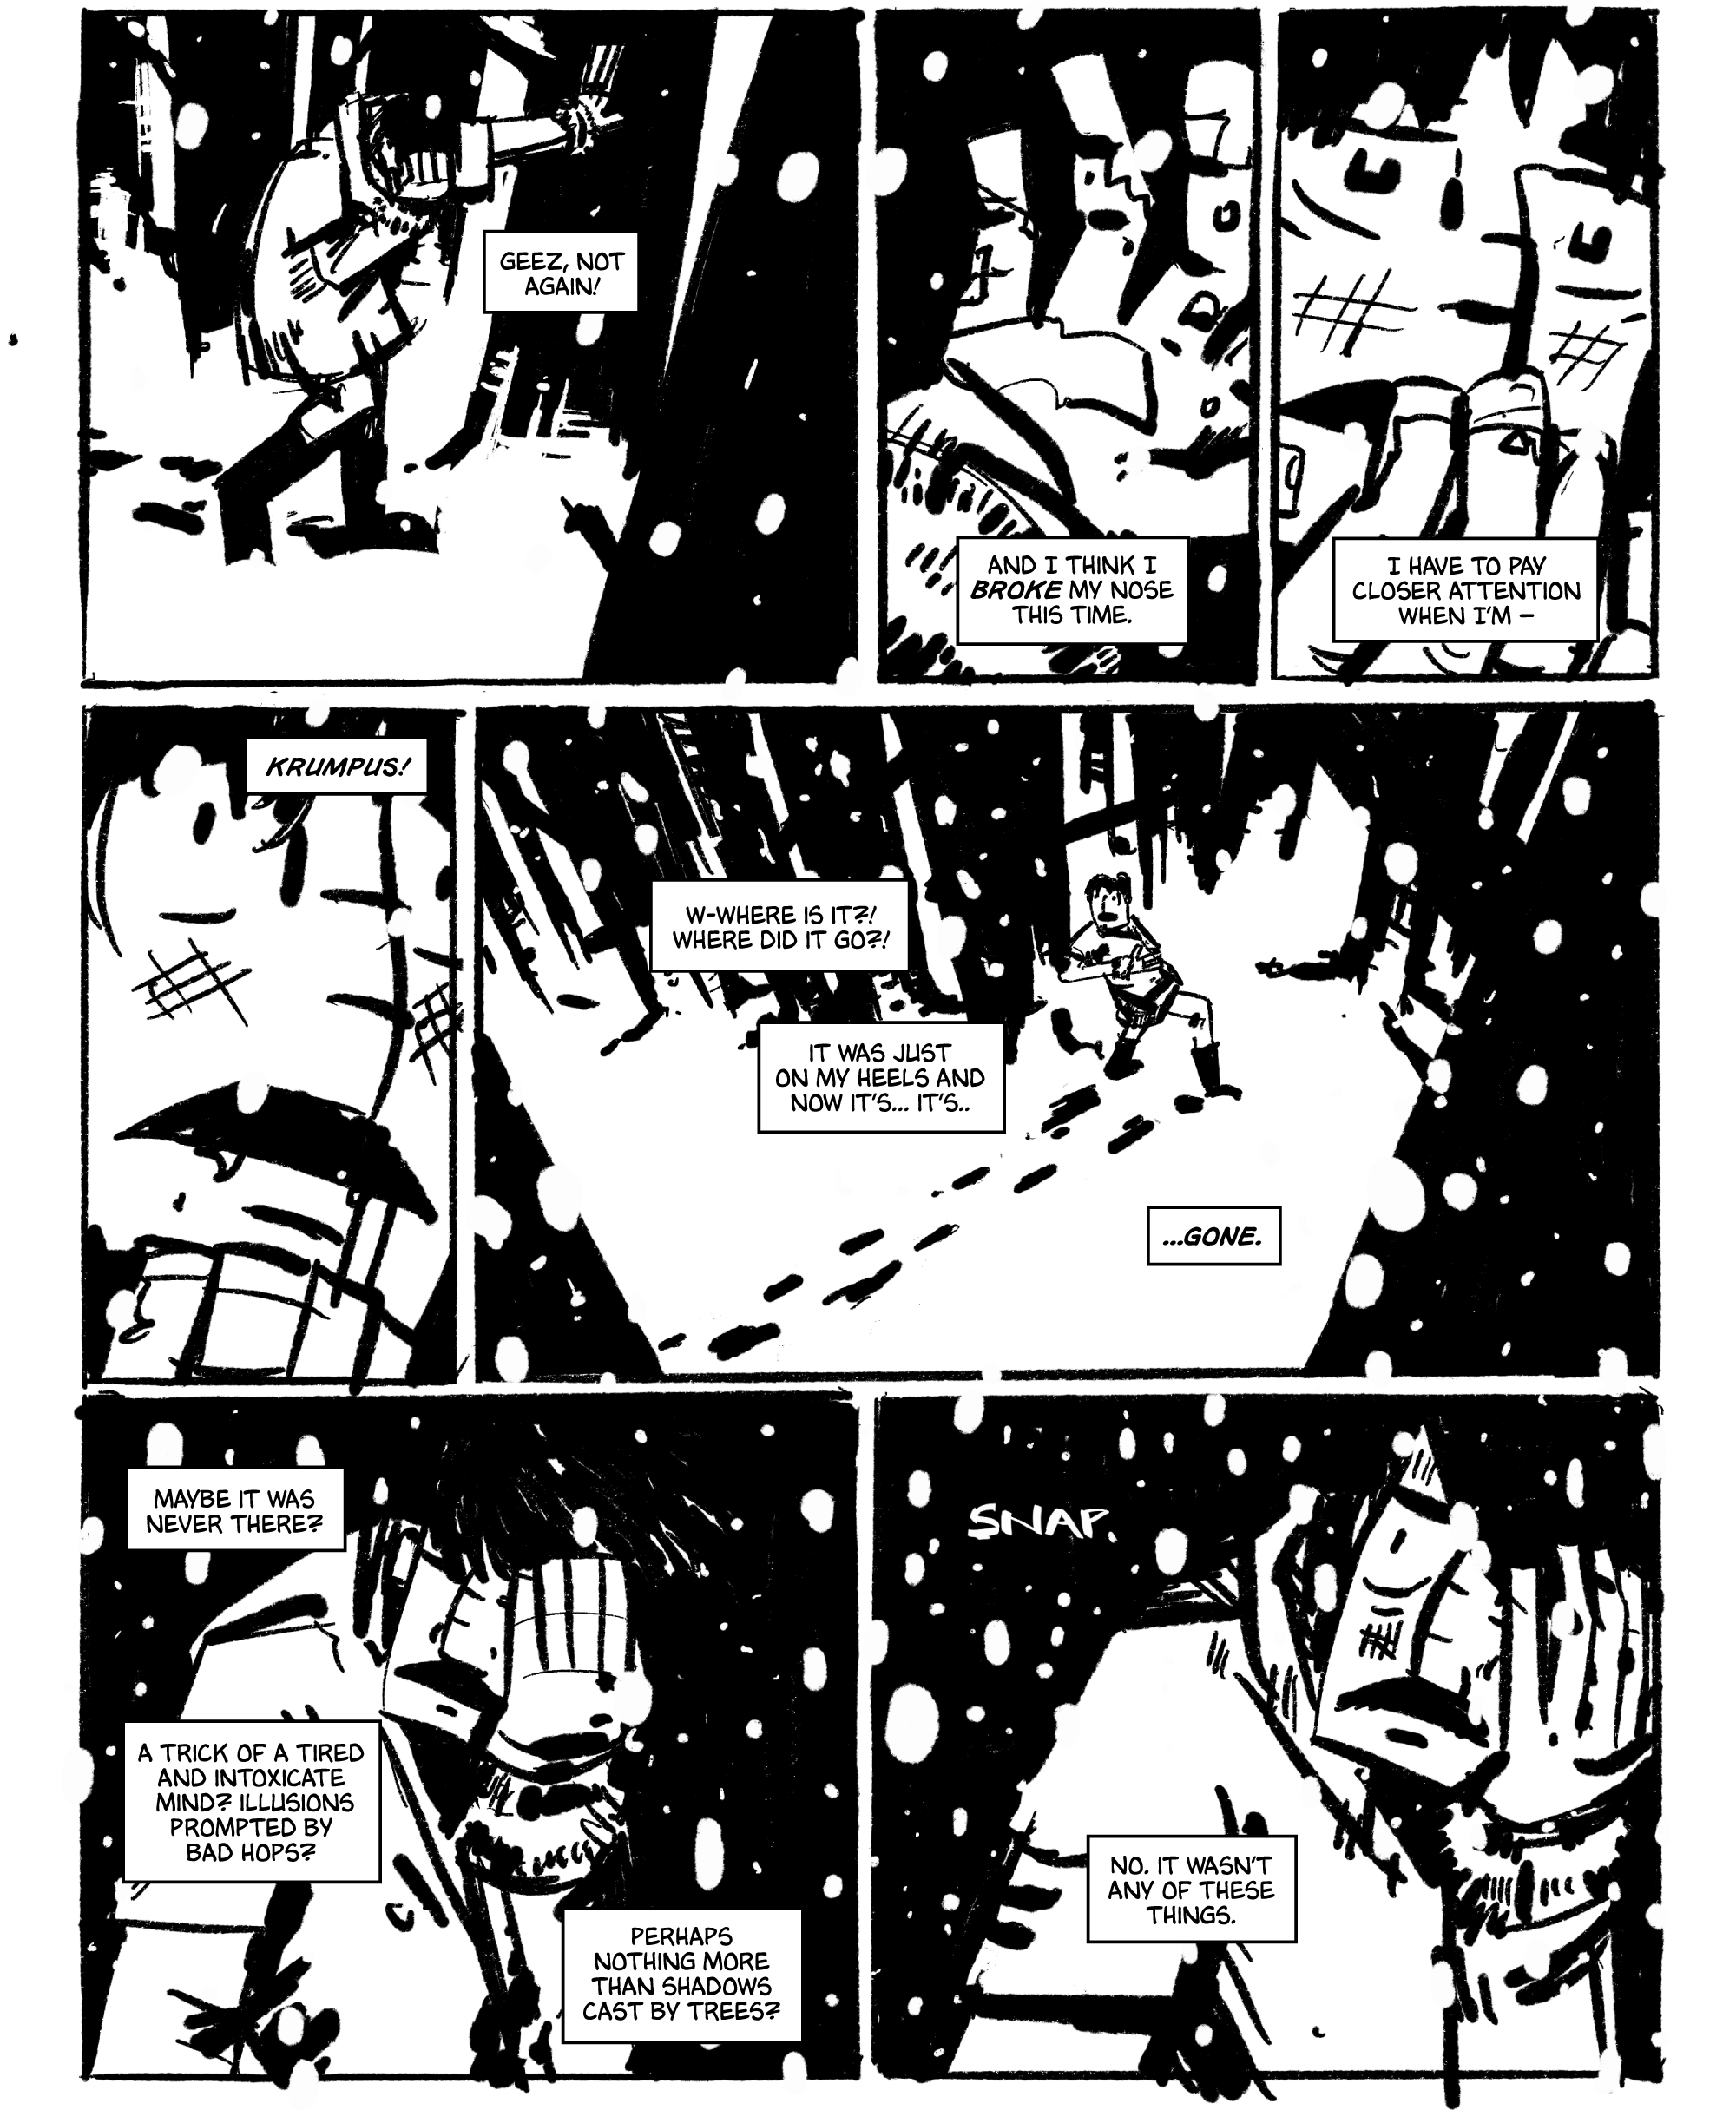 Krumpus page 8